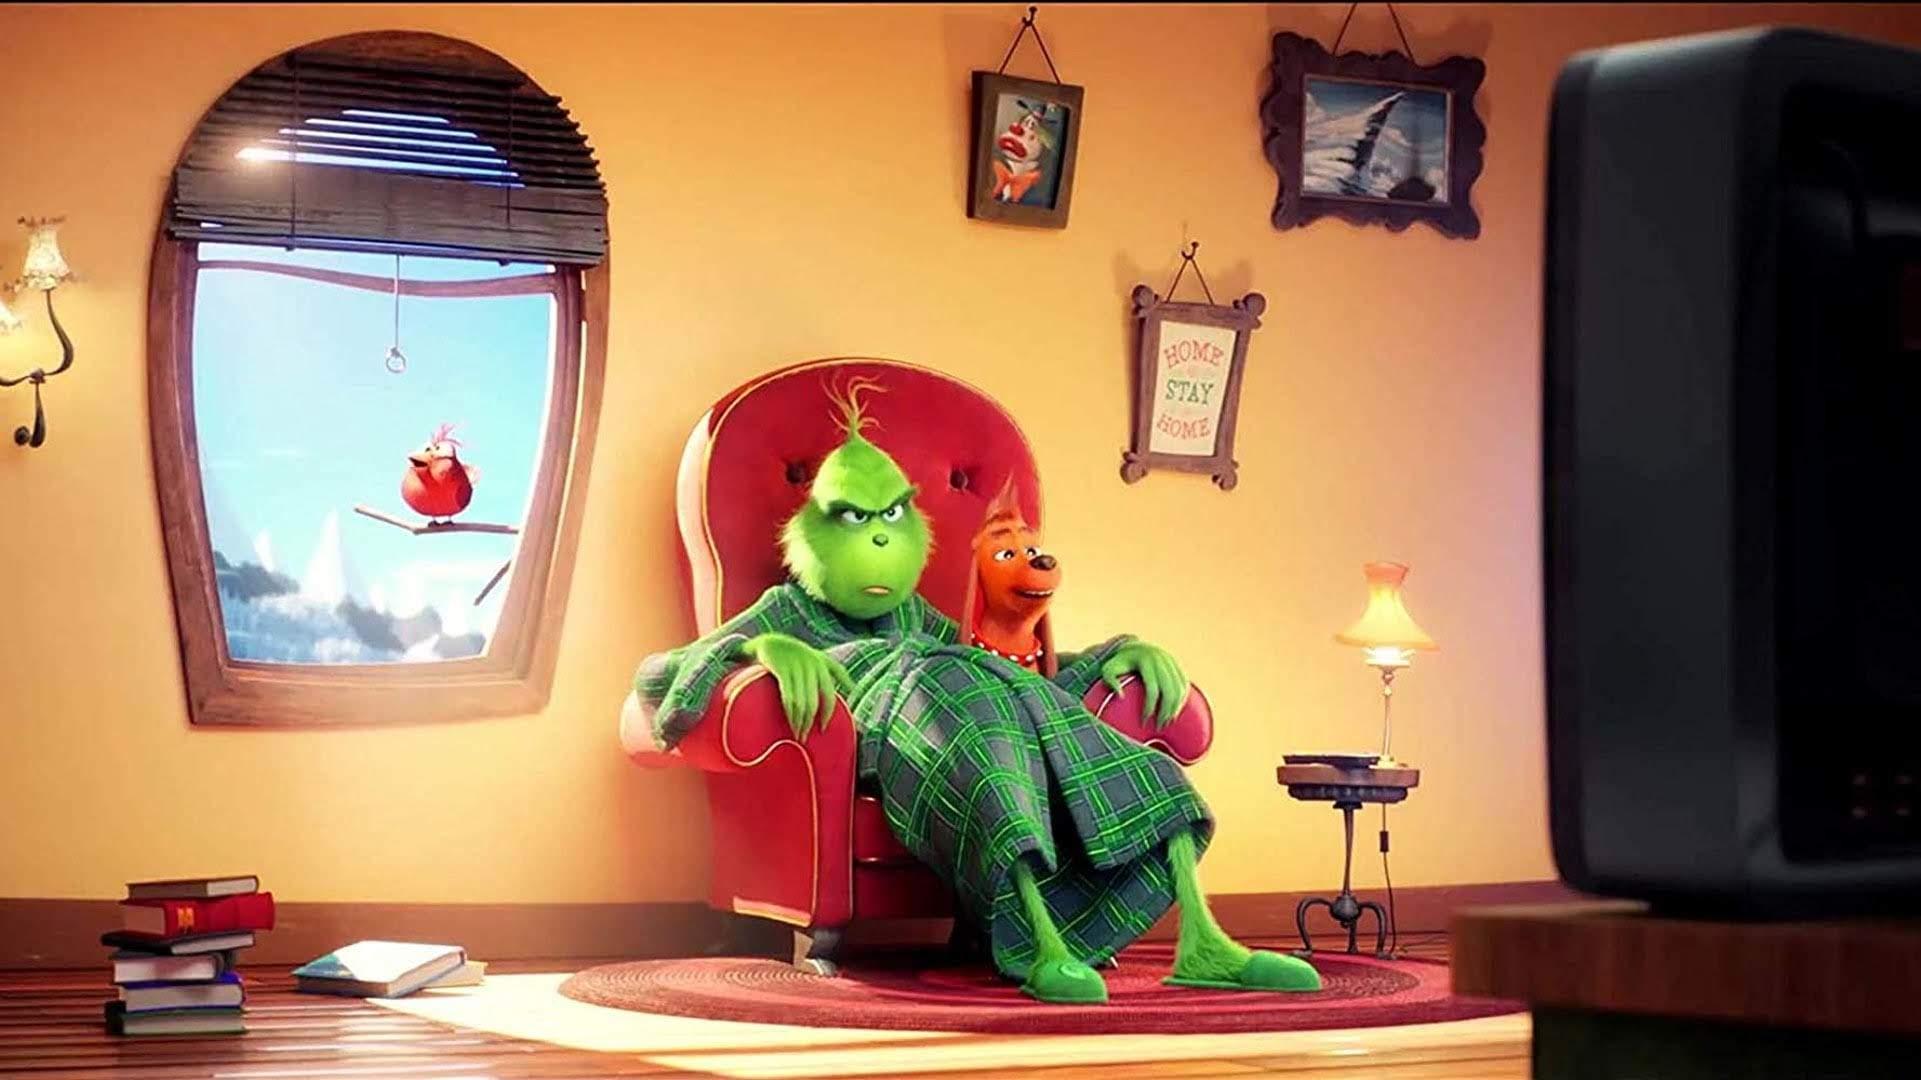 Box Office : 11月16日~11月18日の全米映画ボックスオフィスTOP5 - ベネディクト・カンバーバッチが声の主演の「ザ・グリンチ」が、公開2週めも大ヒット ! !、クイーンの音楽伝記映画「ボヘミアン・ラプソディ」が公開3週めにして、新作映画をおさえて、第3位 ! !